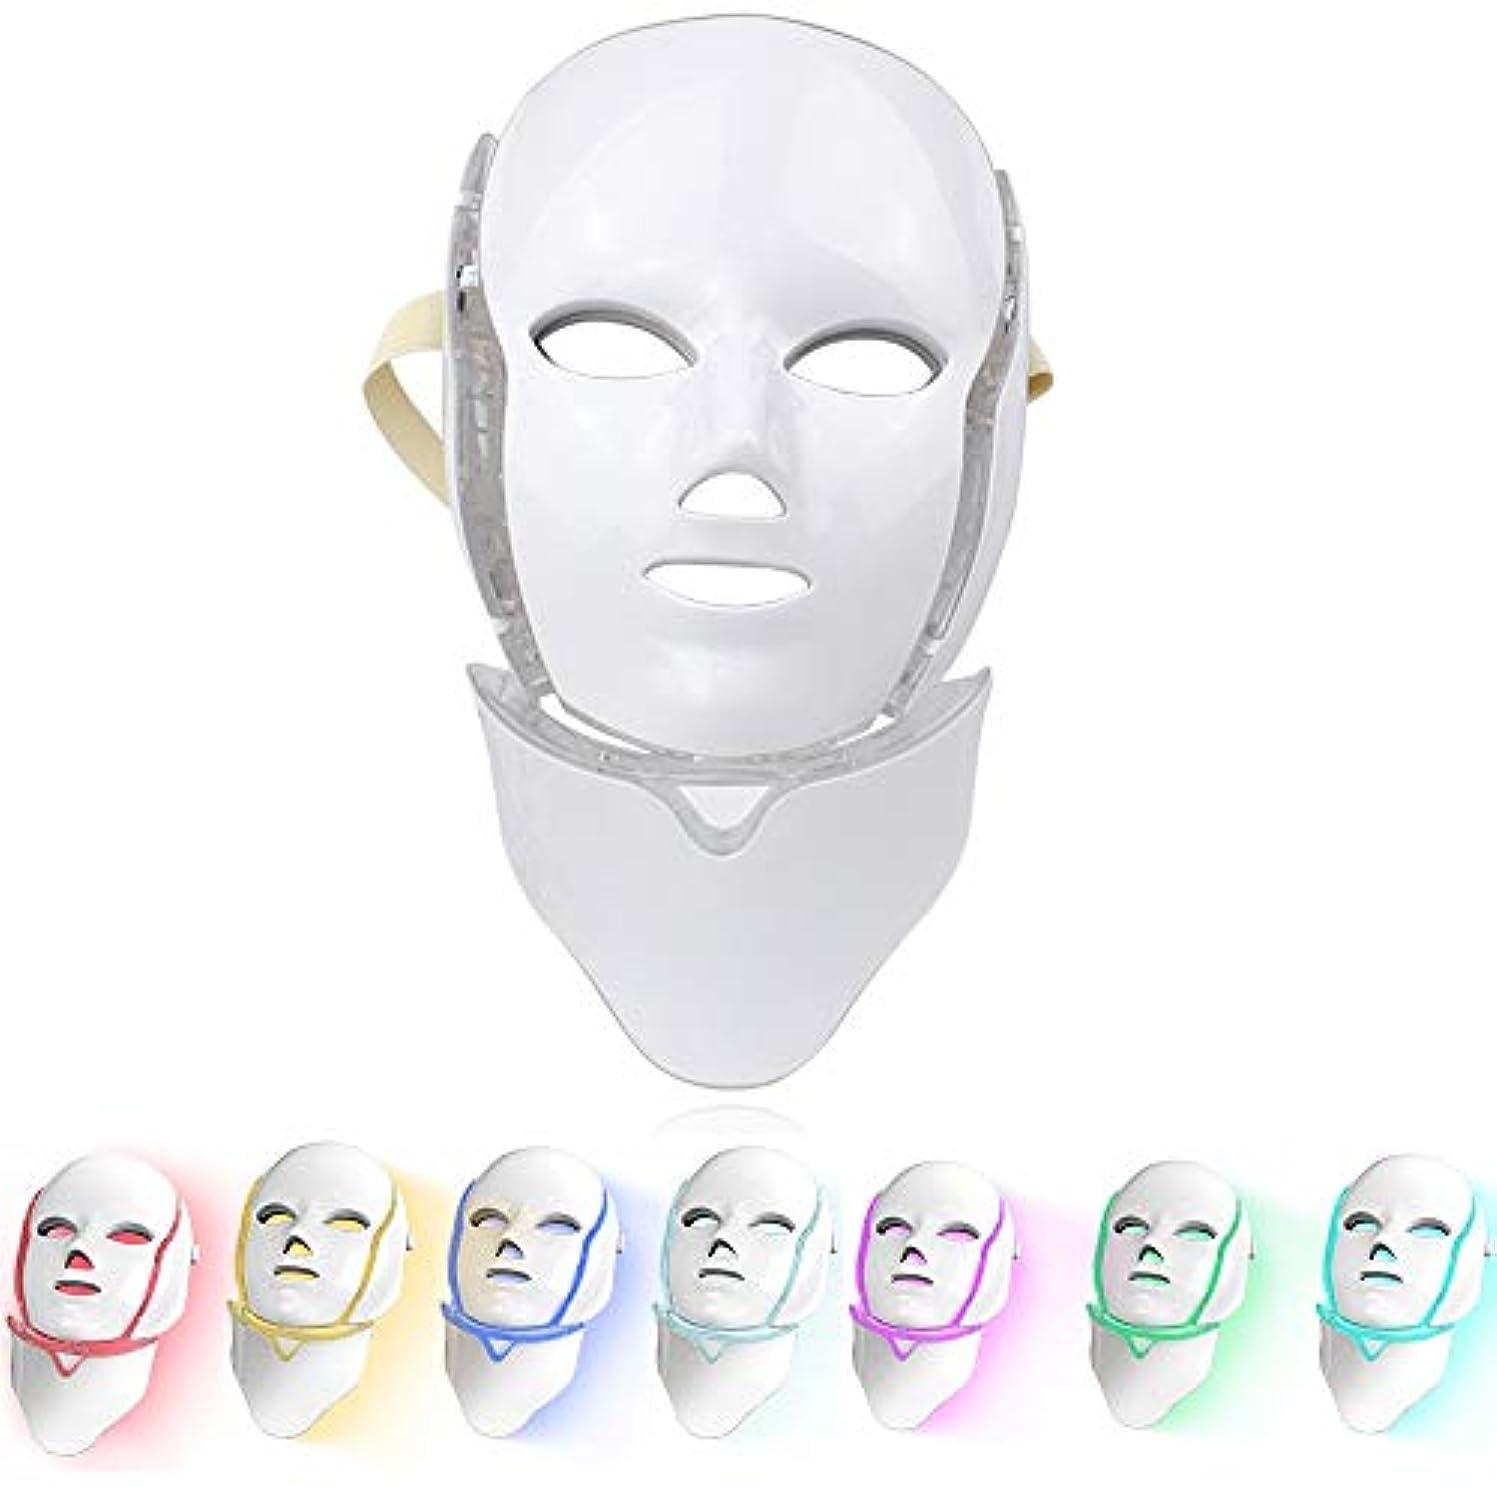 虫里親フリンジLED光線療法マスク(ネック付き)7色光線治療スキンケア美容光線療法アンチエイジングアクネリンクルマスク